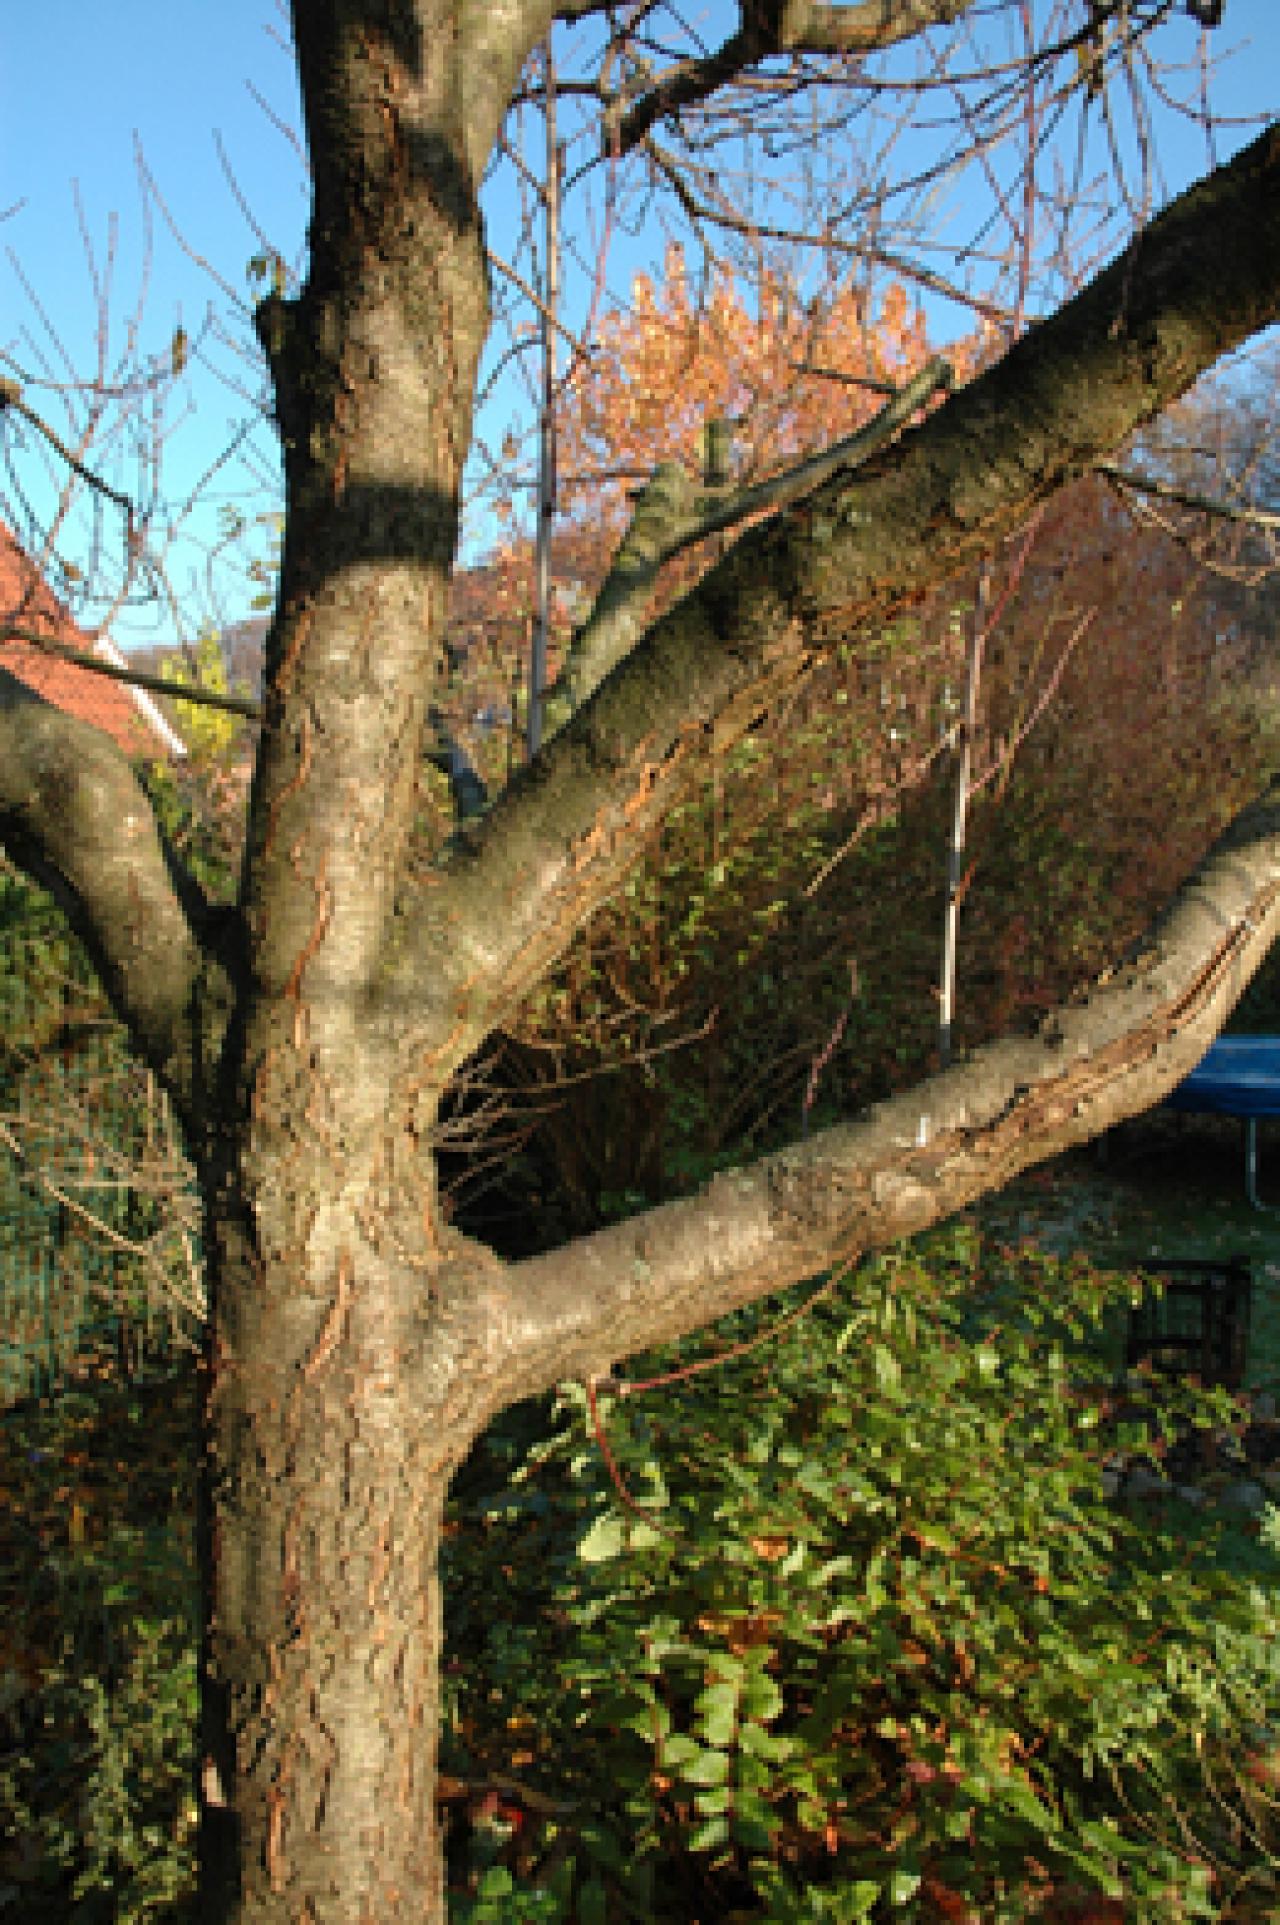 Pfirsichbaum krank garten frage und antwort wochenblatt f r landwirtschaft landleben - Pfirsichbaum im garten ...